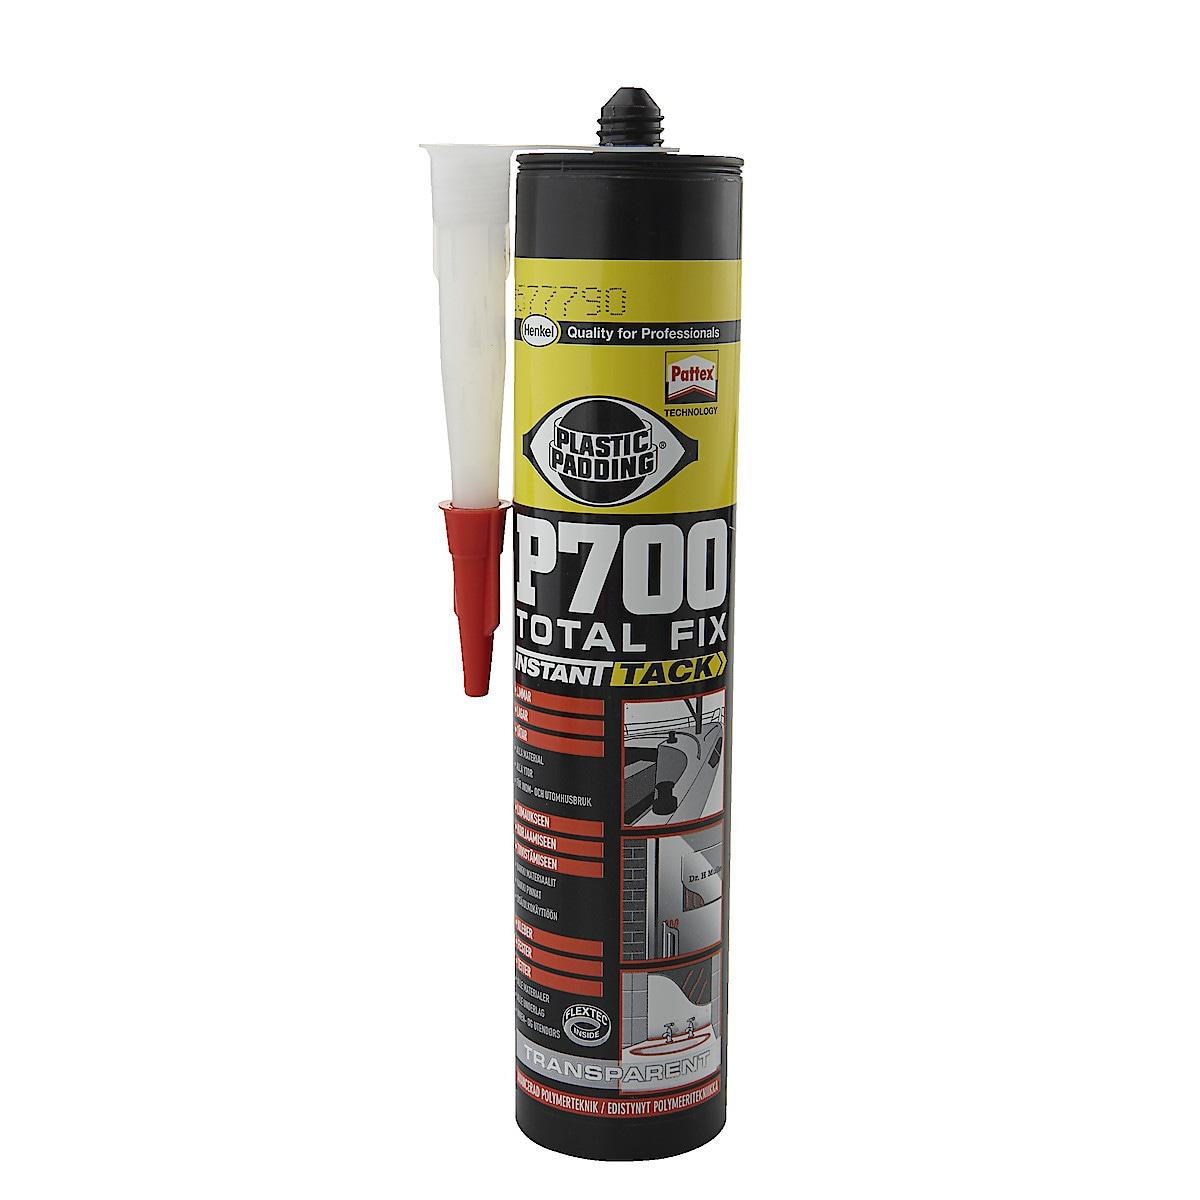 Montagelim P700 Total Fix Plastic Padding